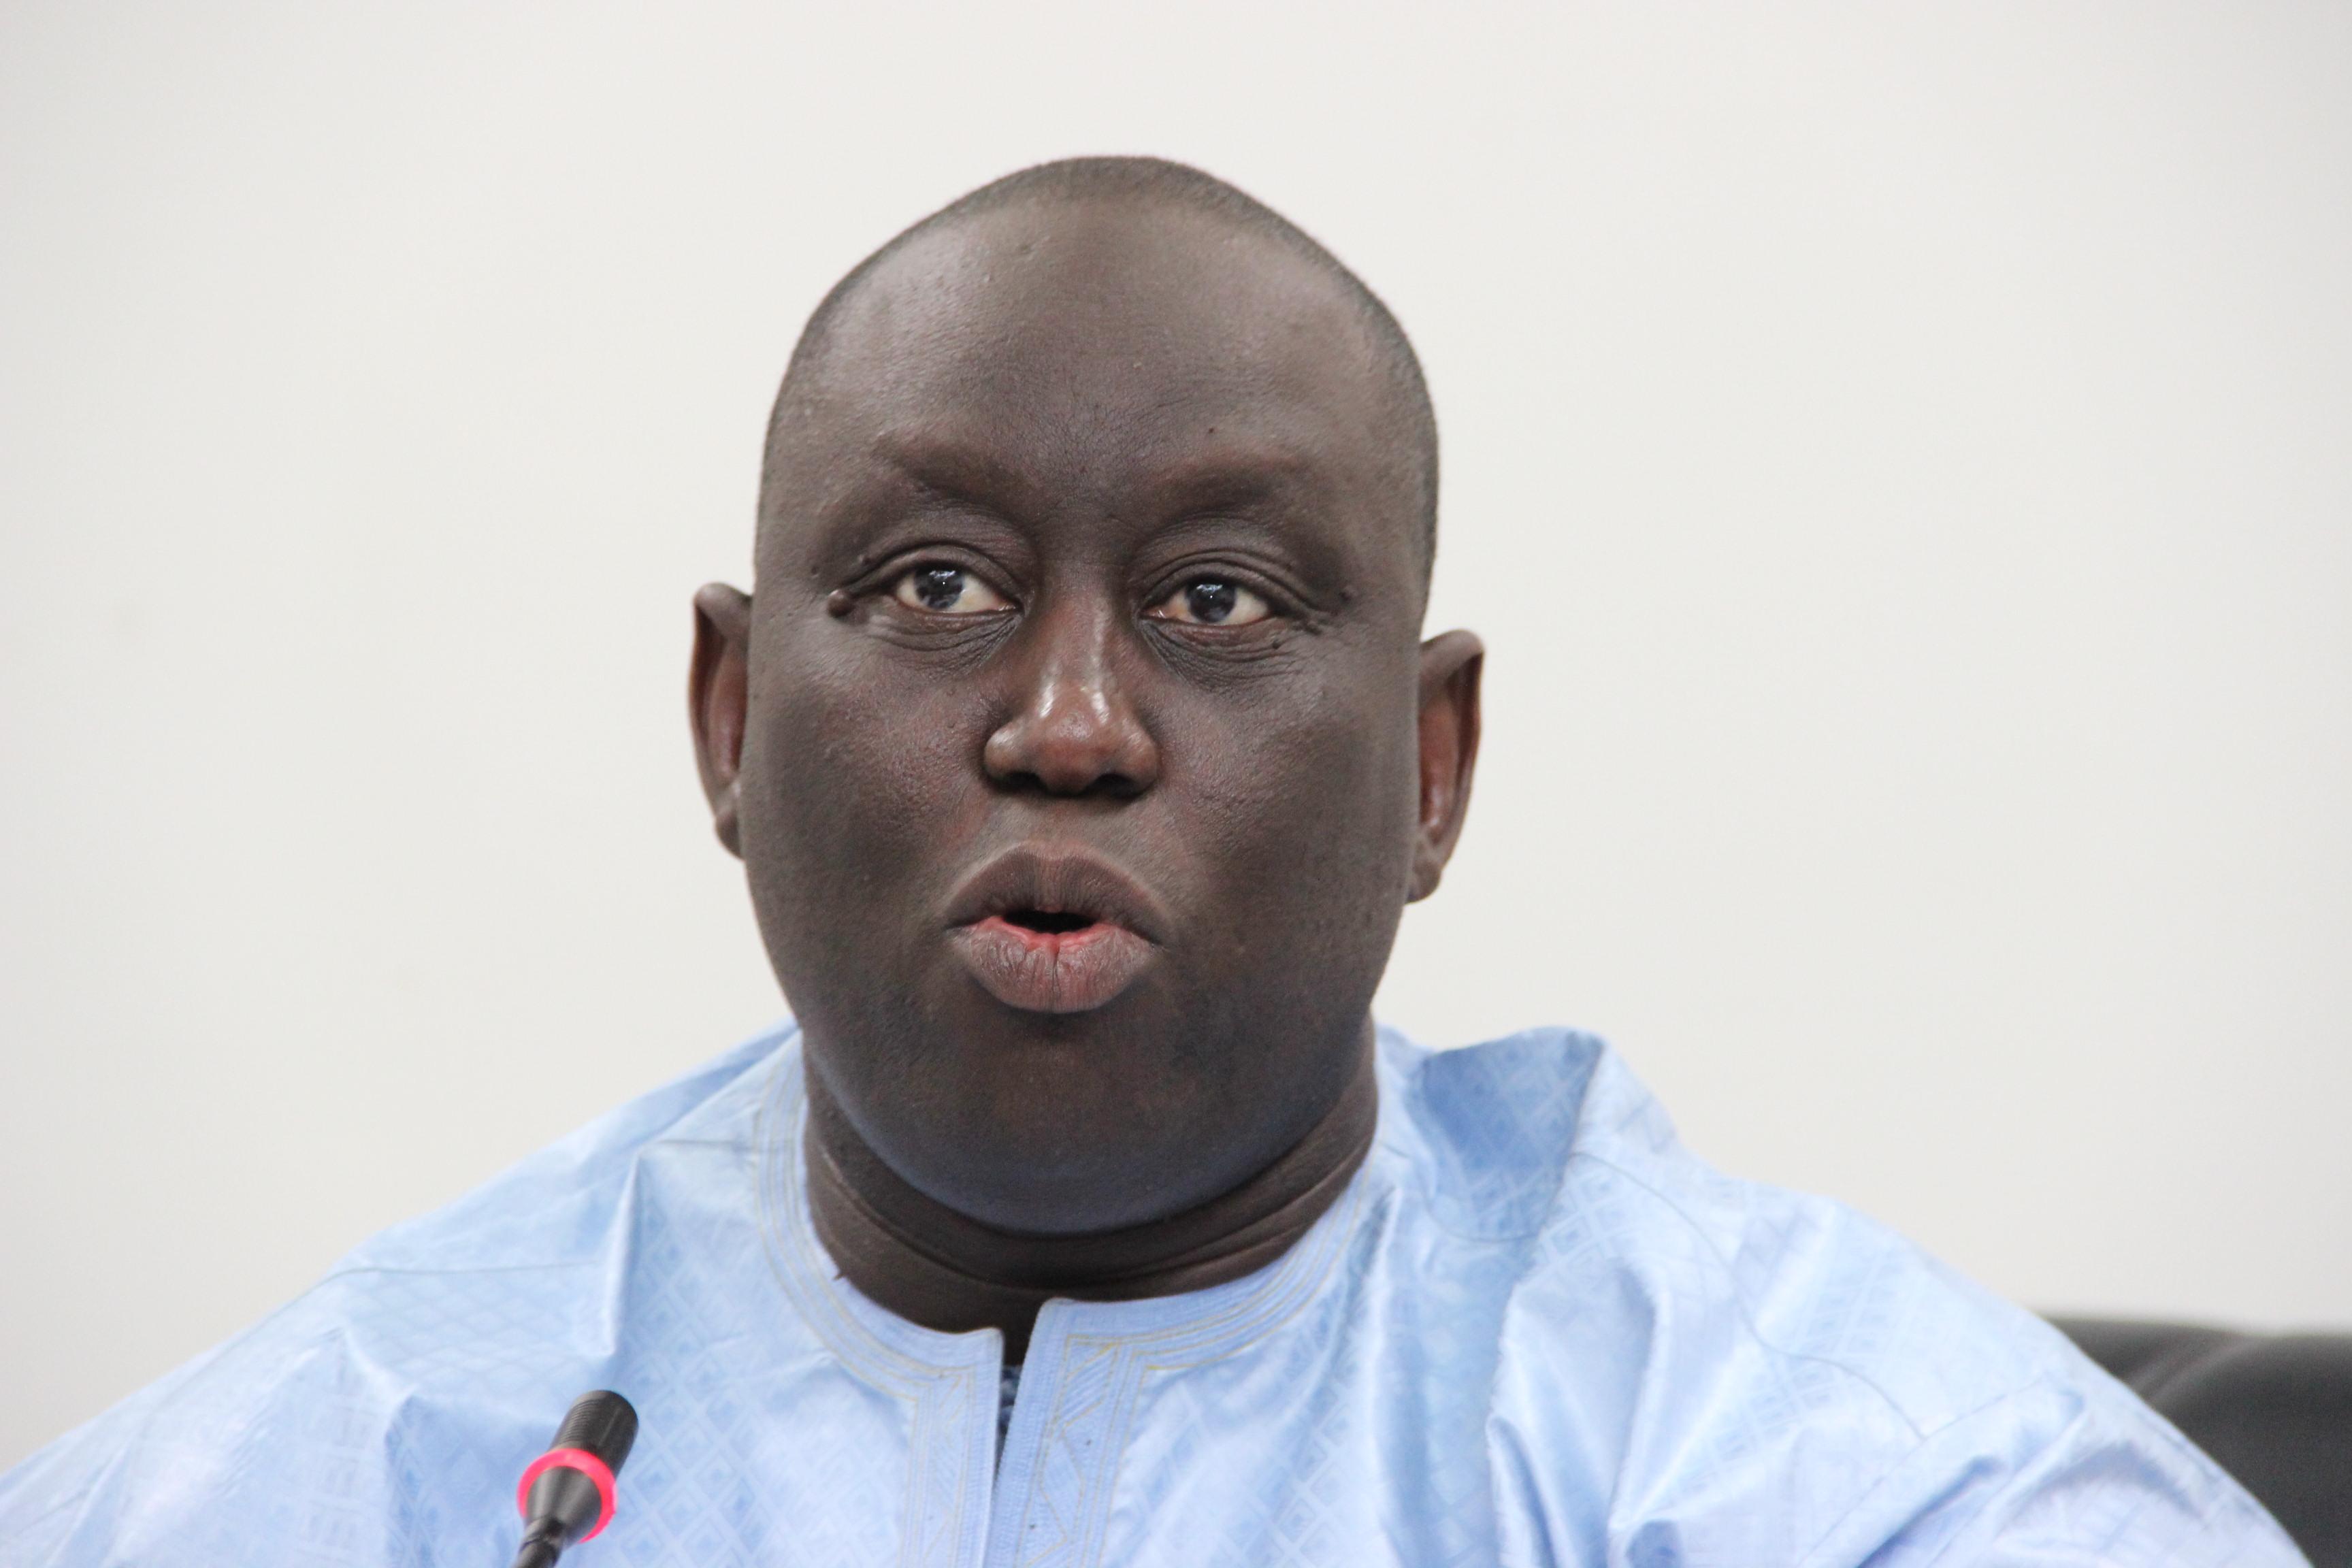 آليو صال: شقيق الرئيس السنغالي ماكي صال.